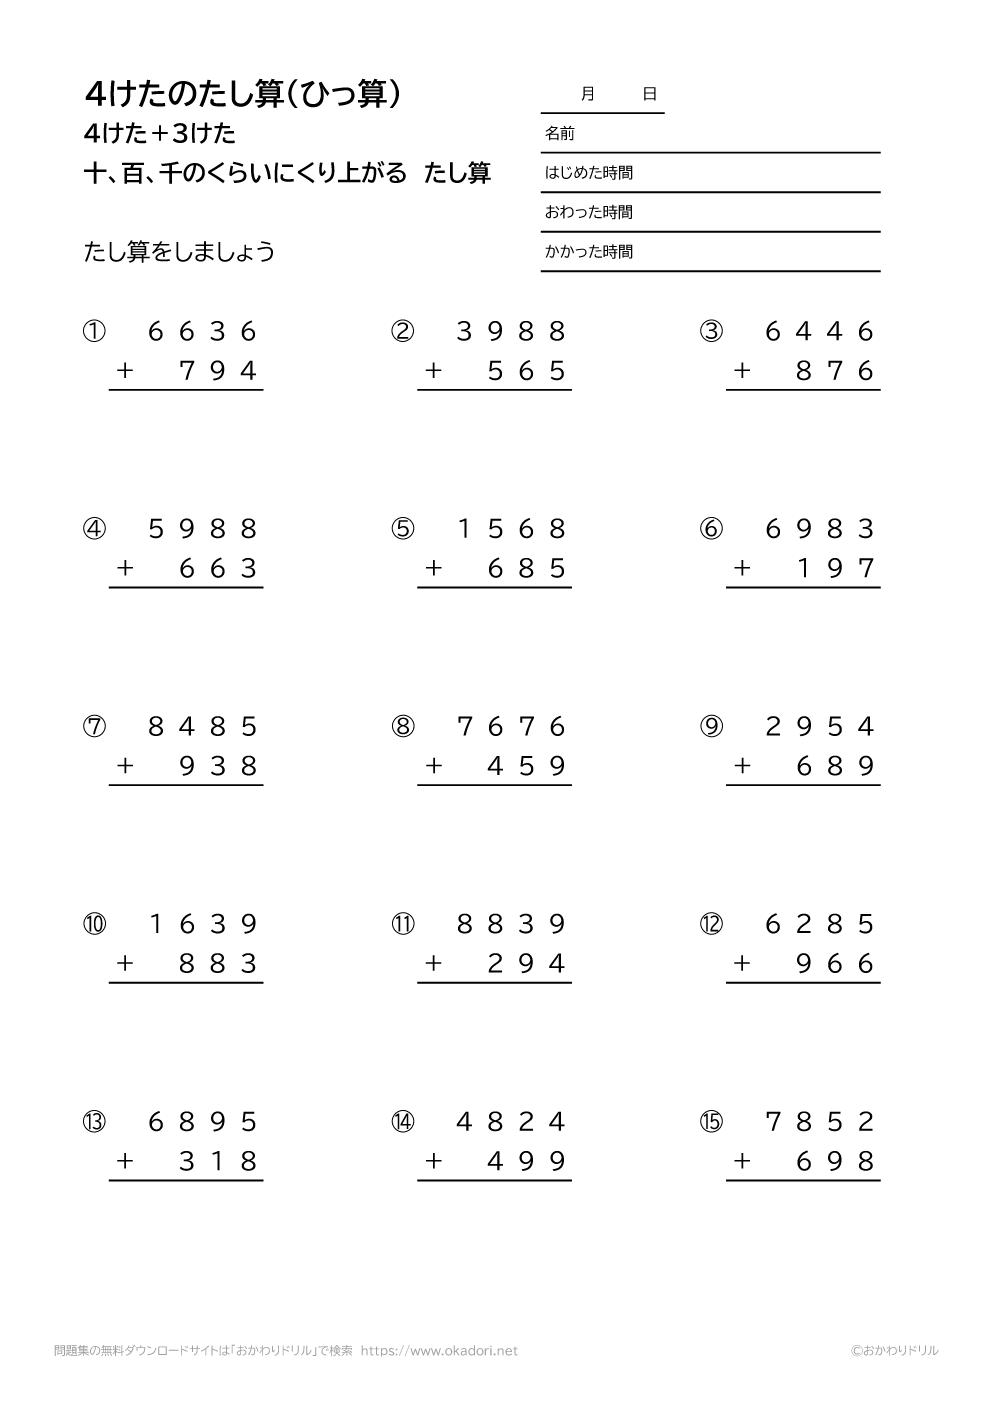 4桁+3桁の十、百、千の位に繰り上がる足し算の筆算2